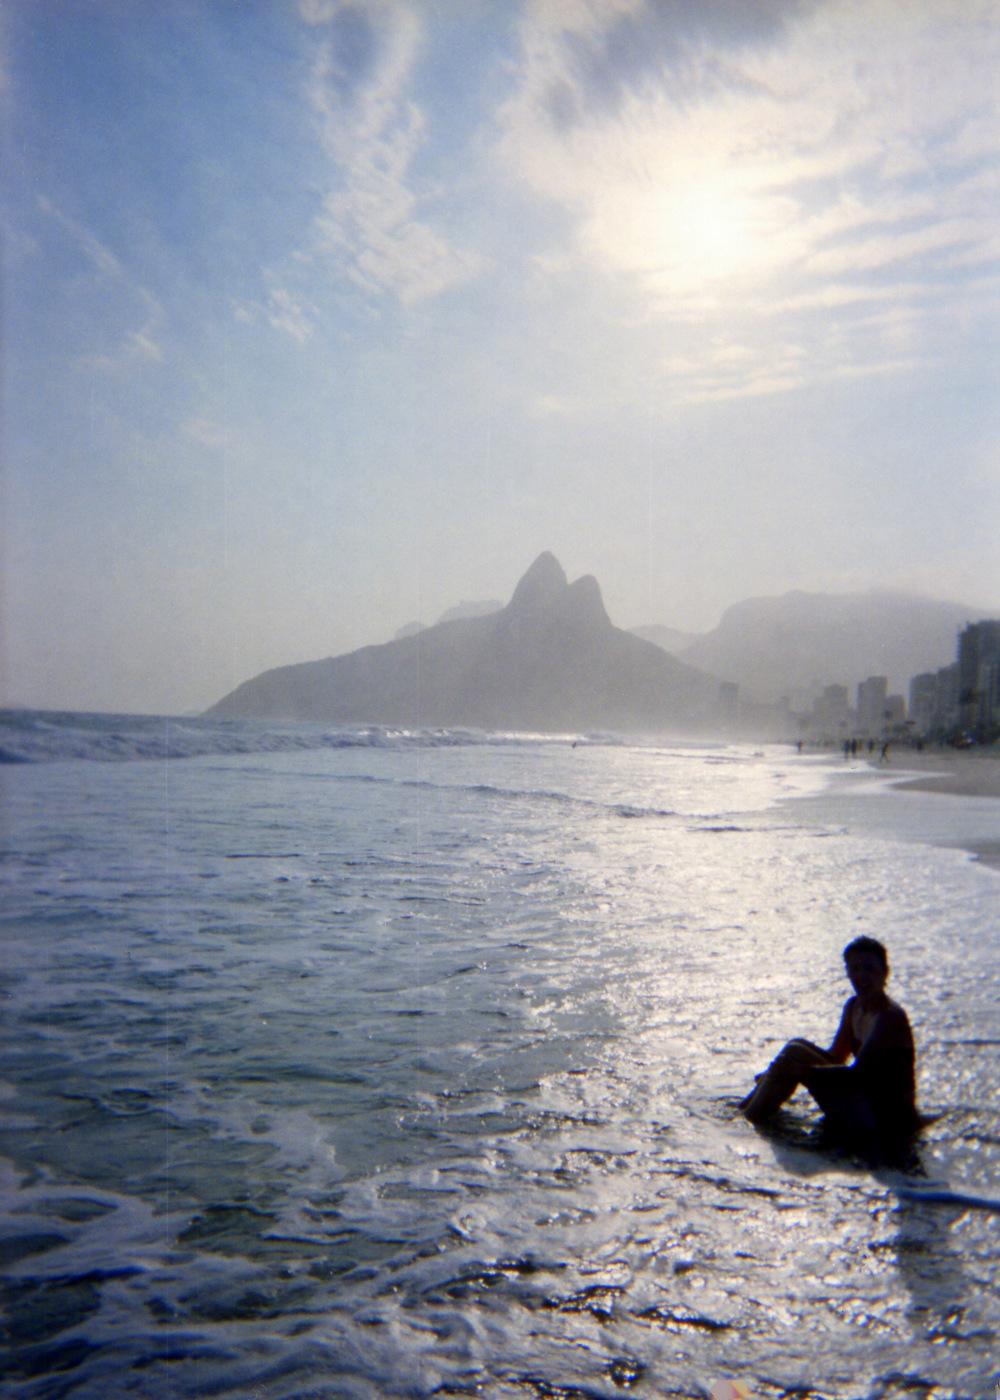 BrazilJpg_0138.jpg